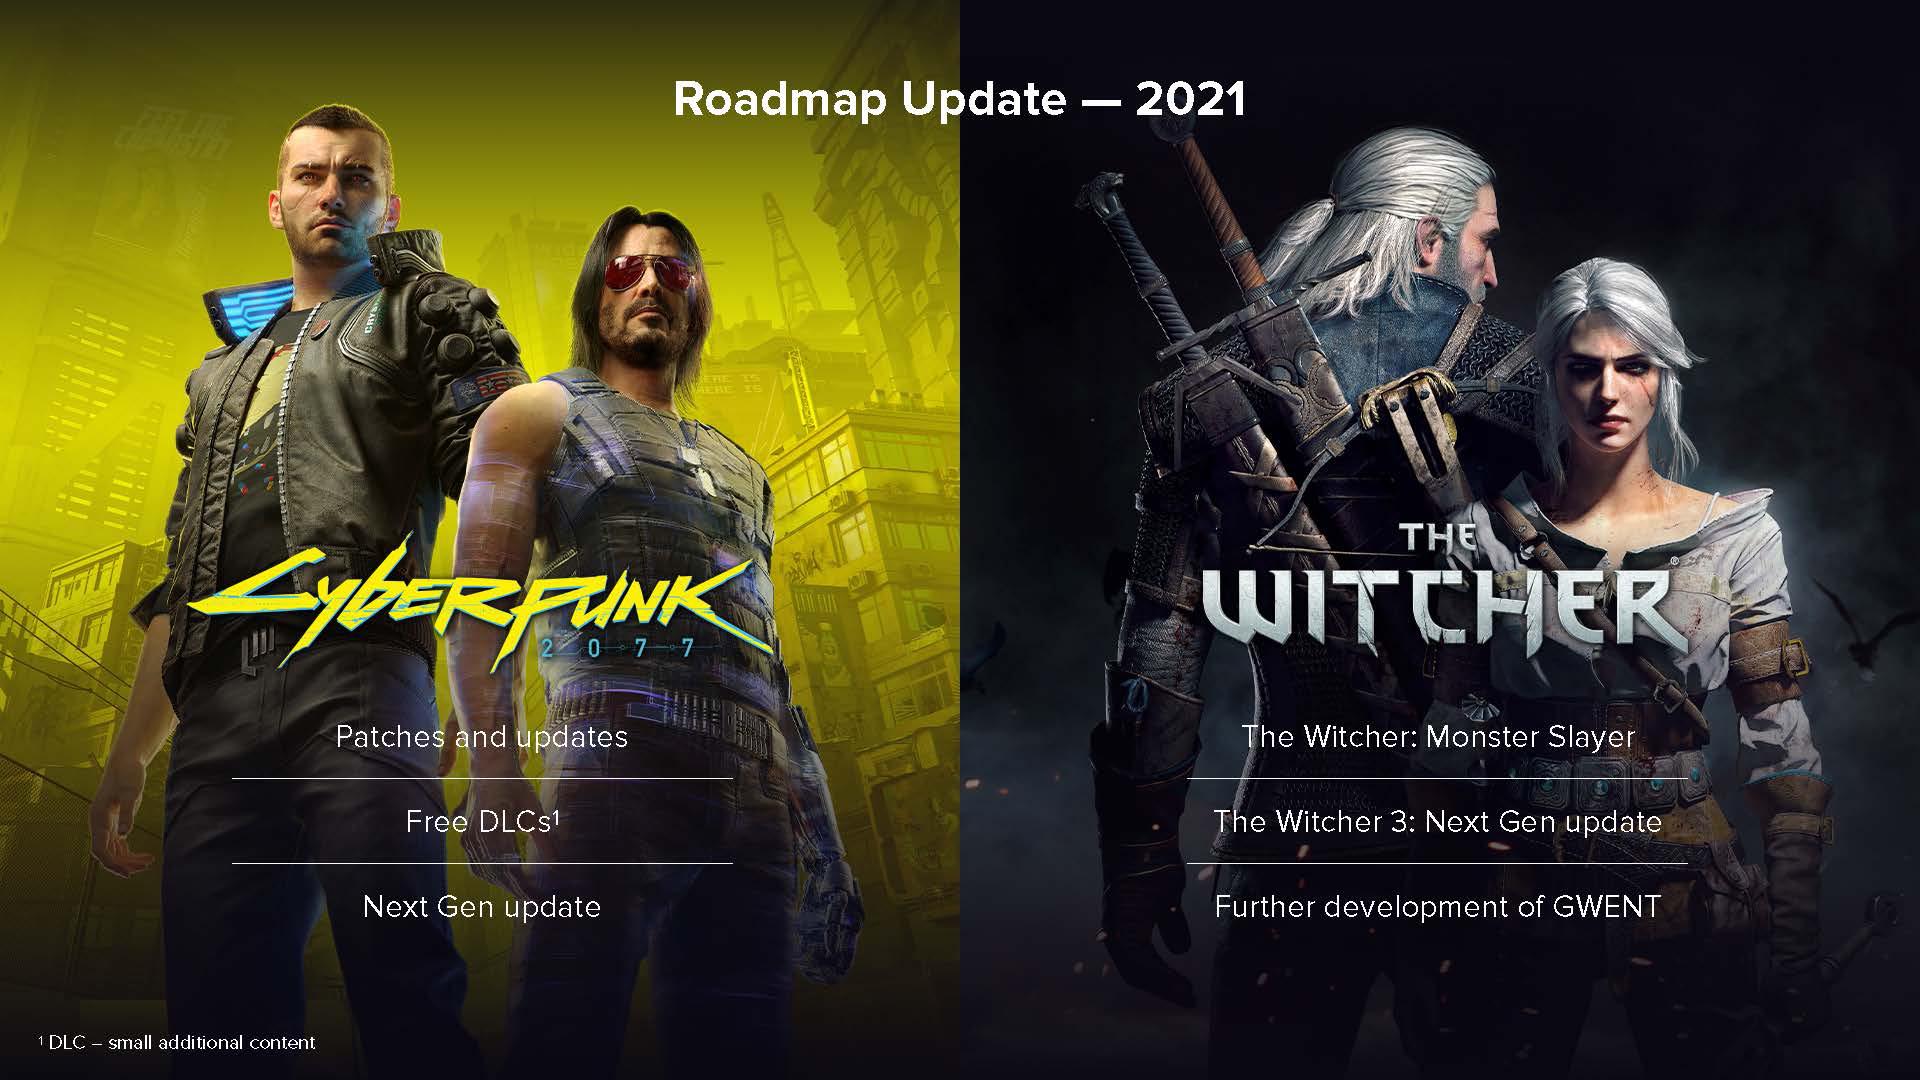 Патчи нового поколения для Cyberpunk 2077 и The Witcher 3 все еще планируется выпустить в 2021 году